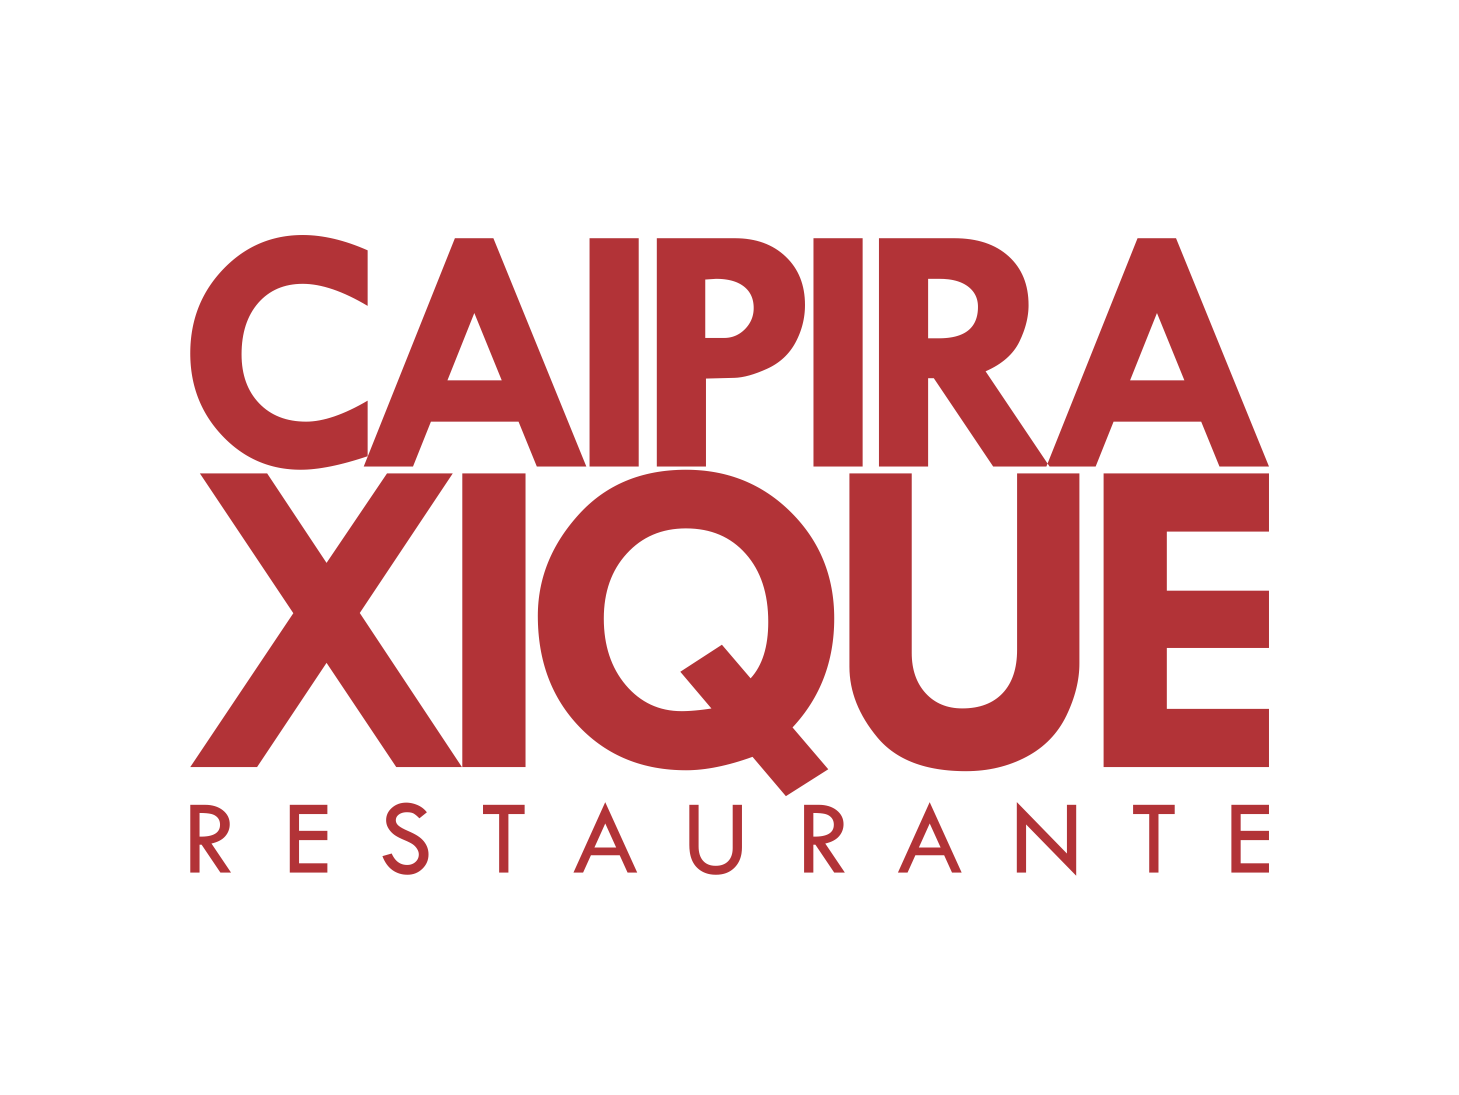 Caipira Xique